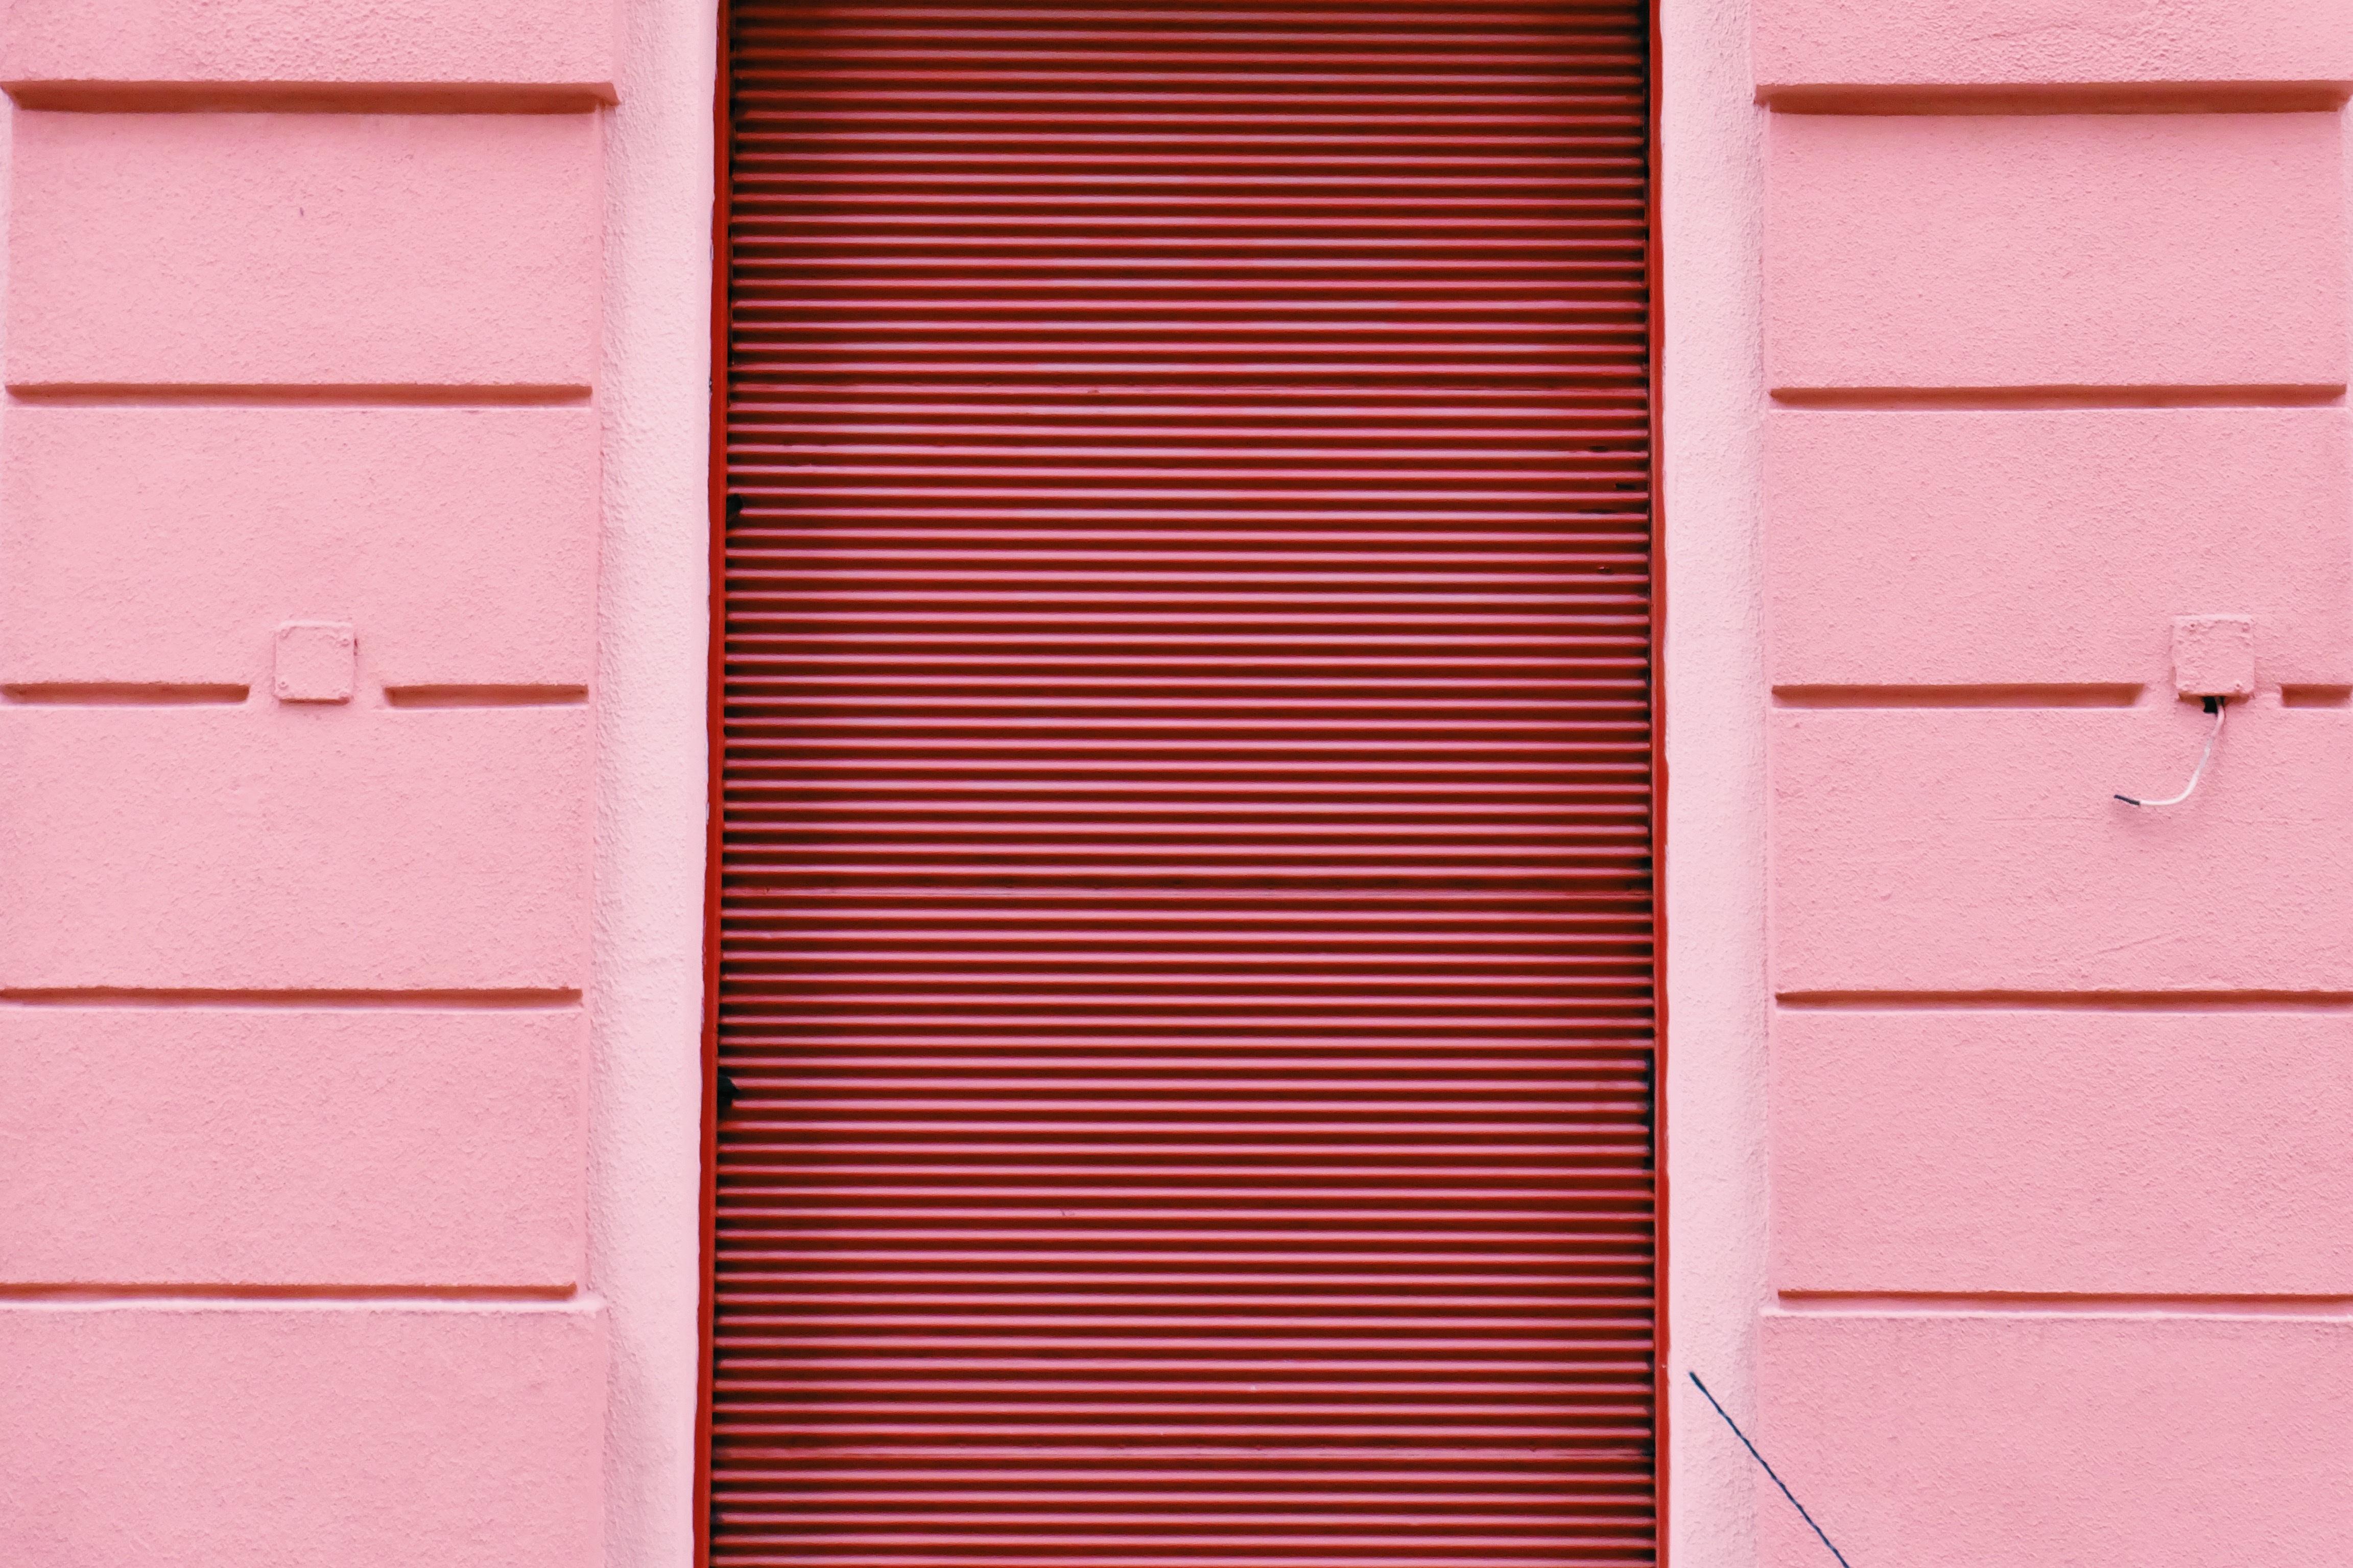 Images gratuites sol mur mod le ligne rouge couleur - Mur brique rouge interieur ...